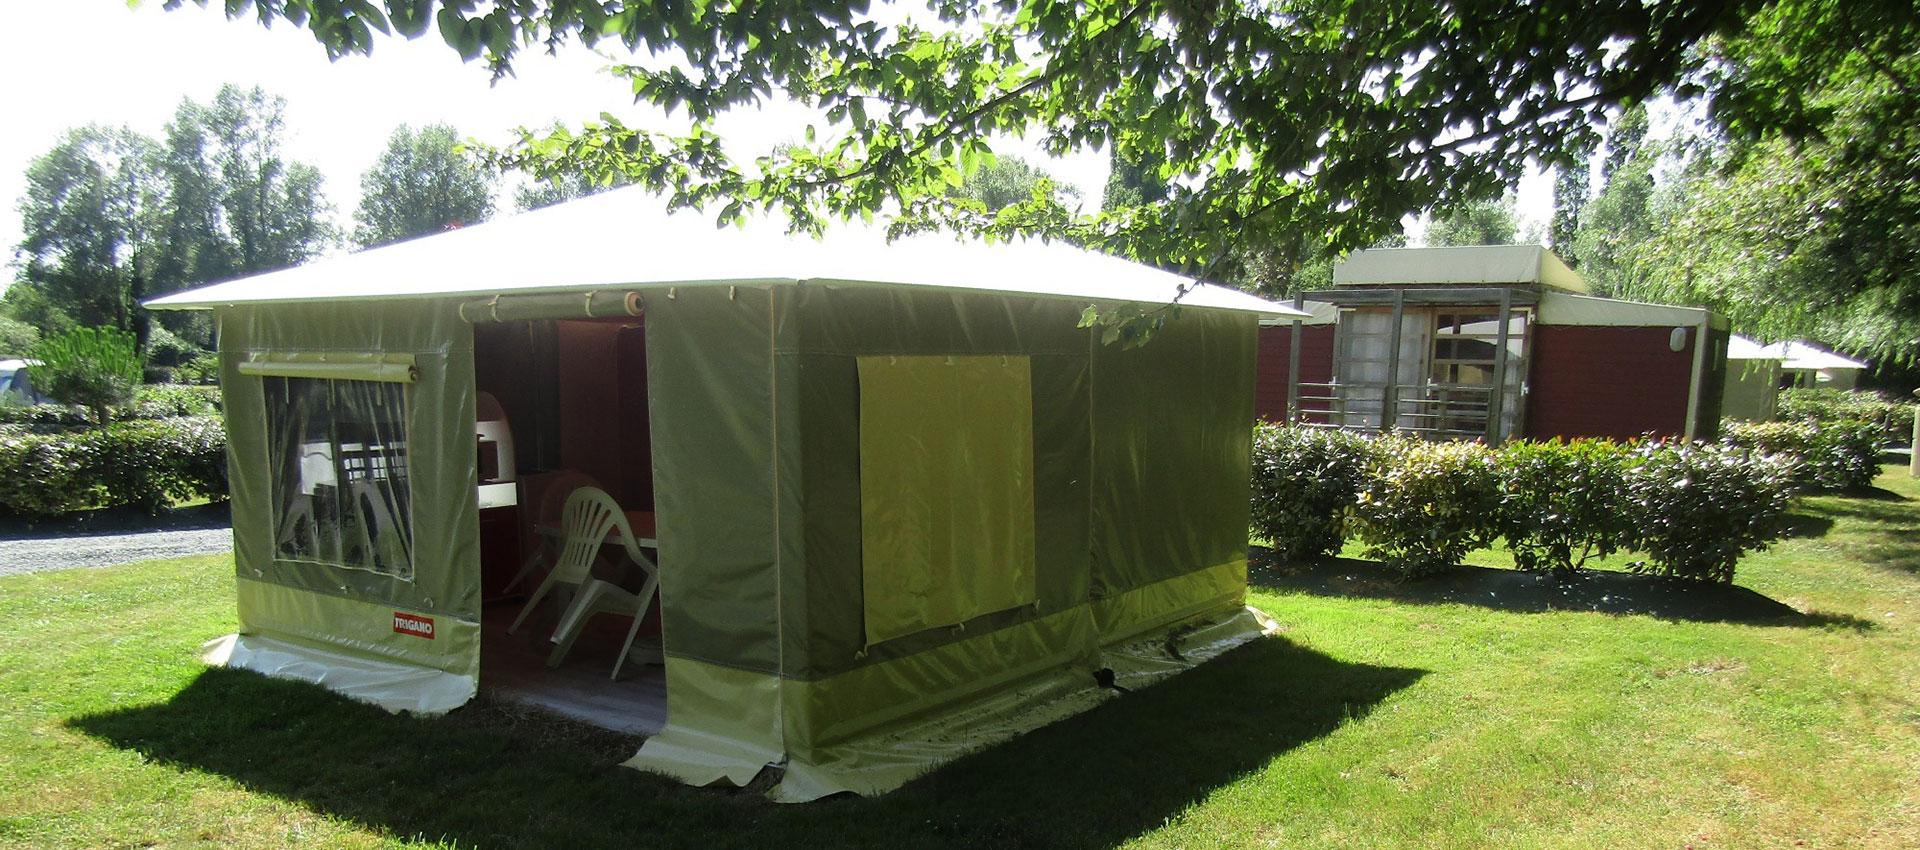 camping au coeur de la nature avec étang